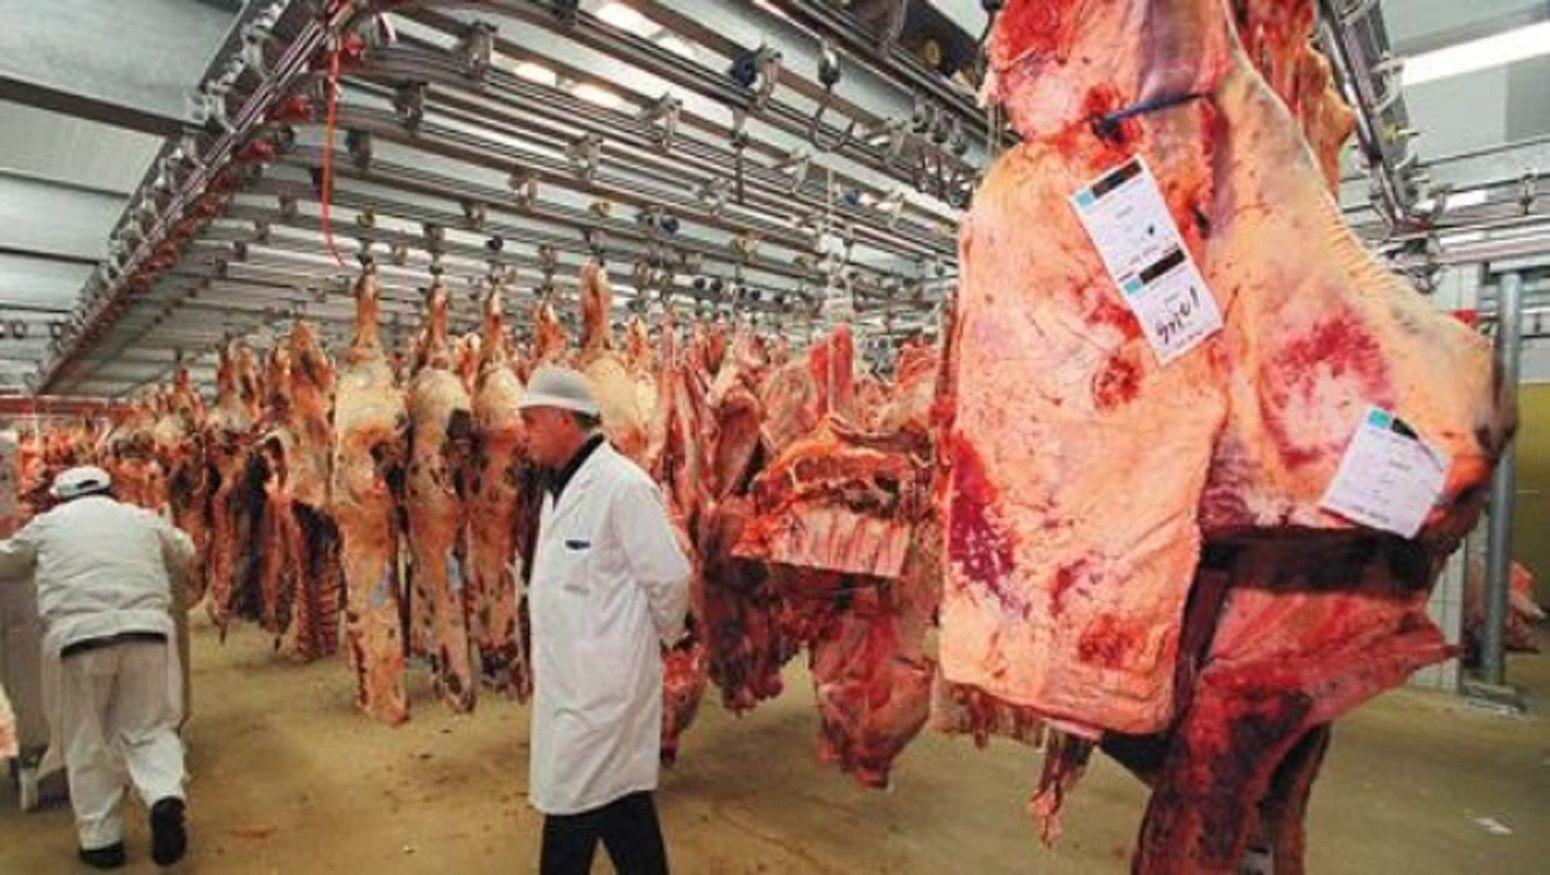 La Unión Europea levantó la restricción de importación de carne argentina